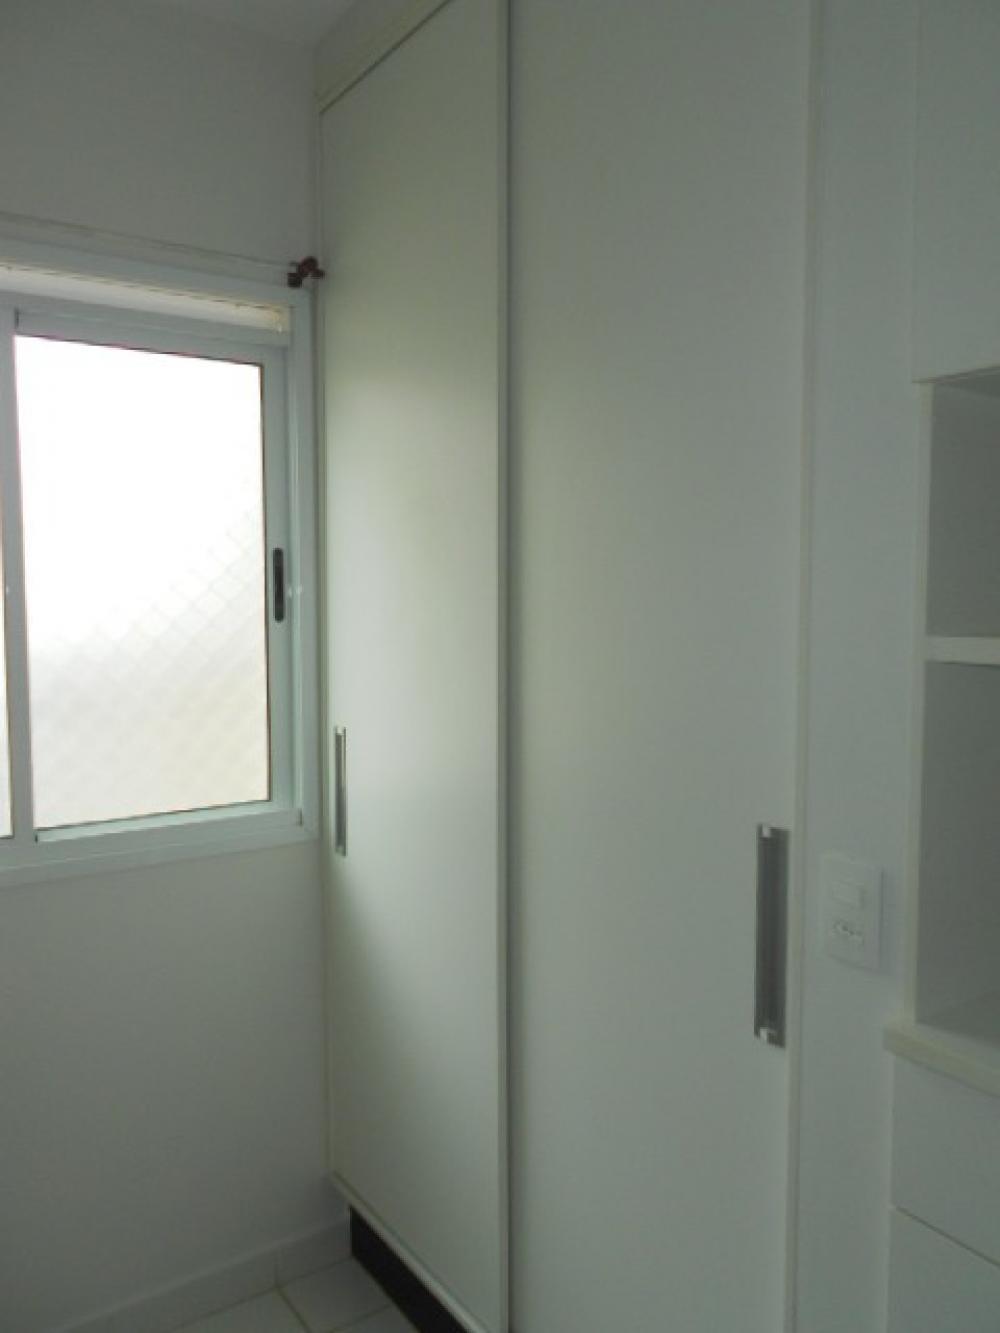 Comprar Apartamento / Padrão em Ribeirão Preto apenas R$ 370.000,00 - Foto 15